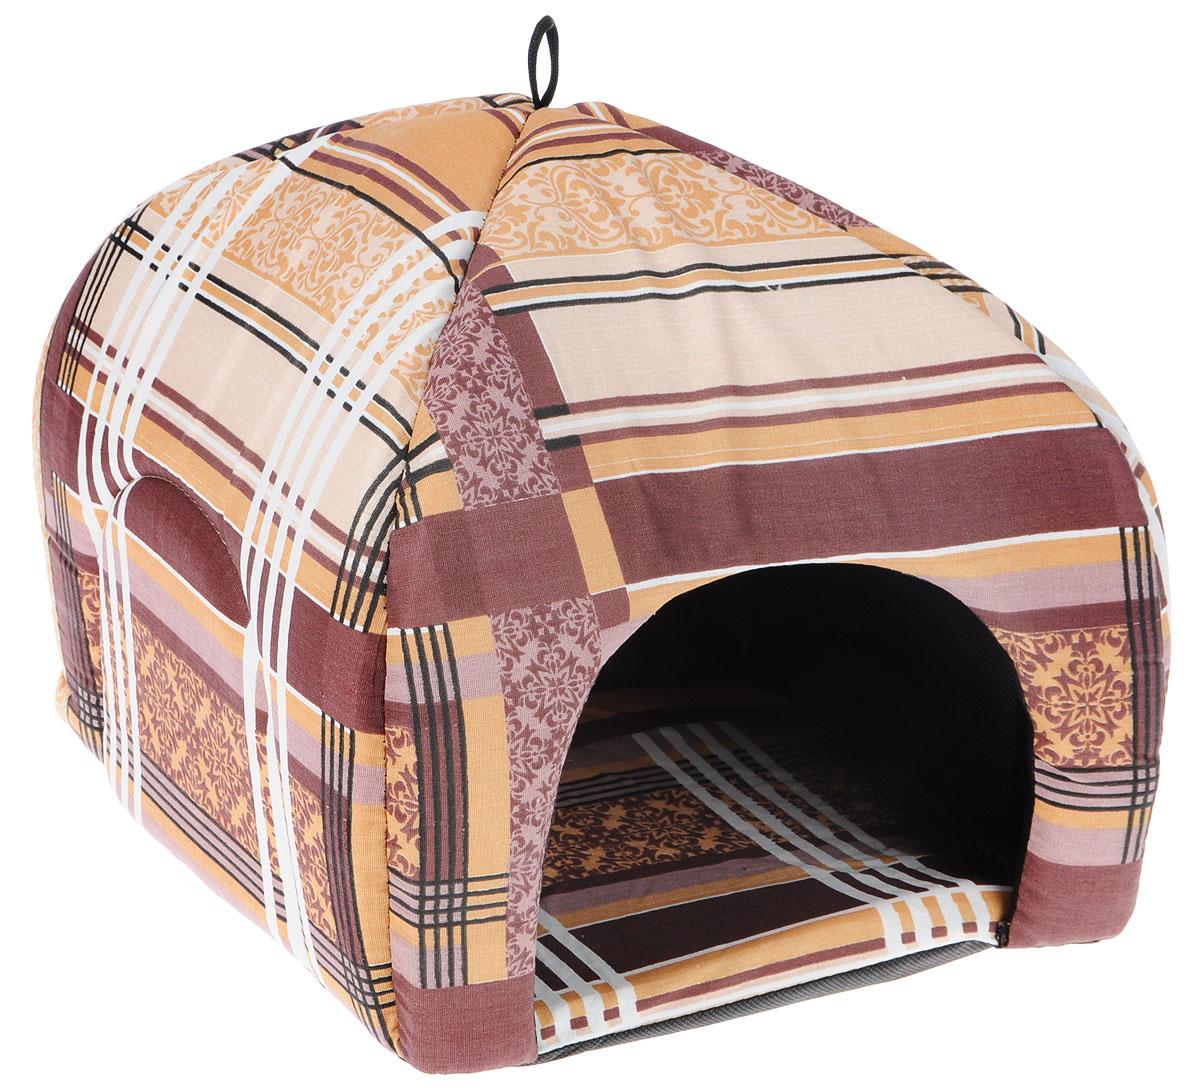 Лежак для животных Elite Valley Юрта, цвет: коричневый, 33 х 33 х 30 см. Л3/20120710Лежак Elite Valley Юрта непременно станет любимым местом отдыха вашего домашнего животного. Изделие изготовлено из бязи, а наполнитель выполнен из поролона. Такой материал не теряет своей формы долгое время. На таком лежаке вашему любимцу будет мягко и тепло. Он даст вашему питомцу ощущение уюта и уединенности, а также возможность подремать, отдохнуть и просто спрятаться.